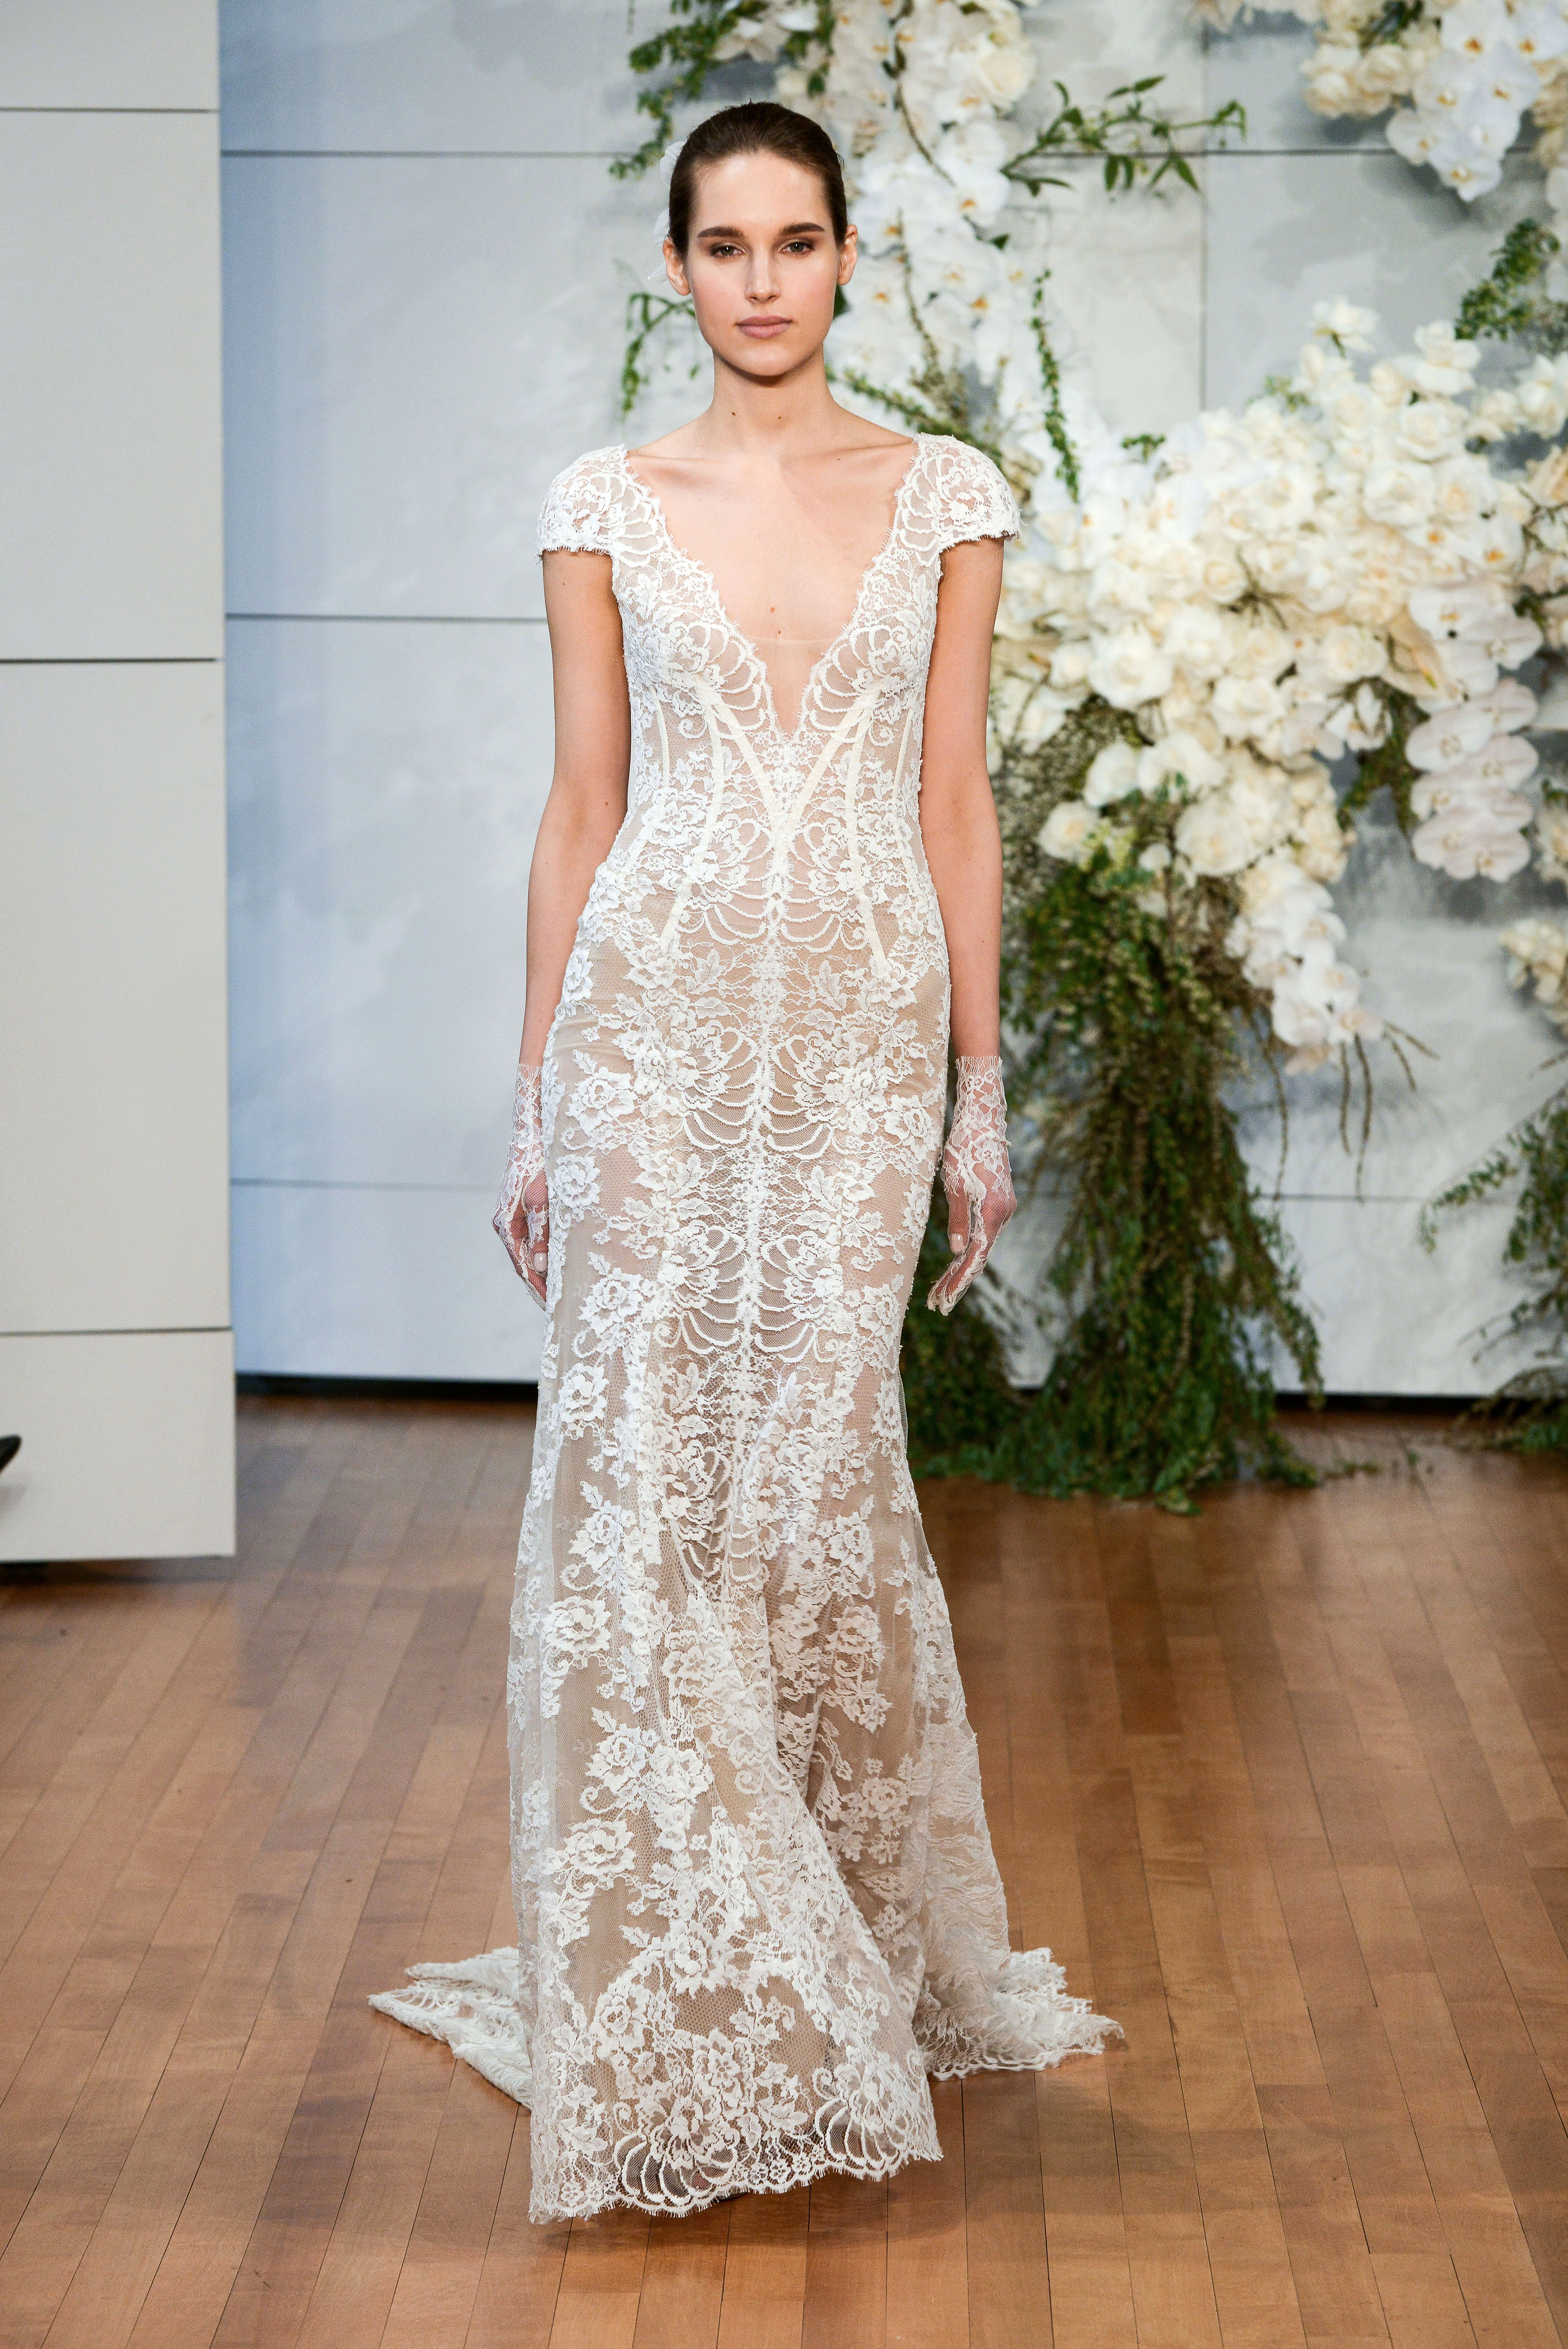 monique lhuillier v-neck lace wedding dress spring 2018